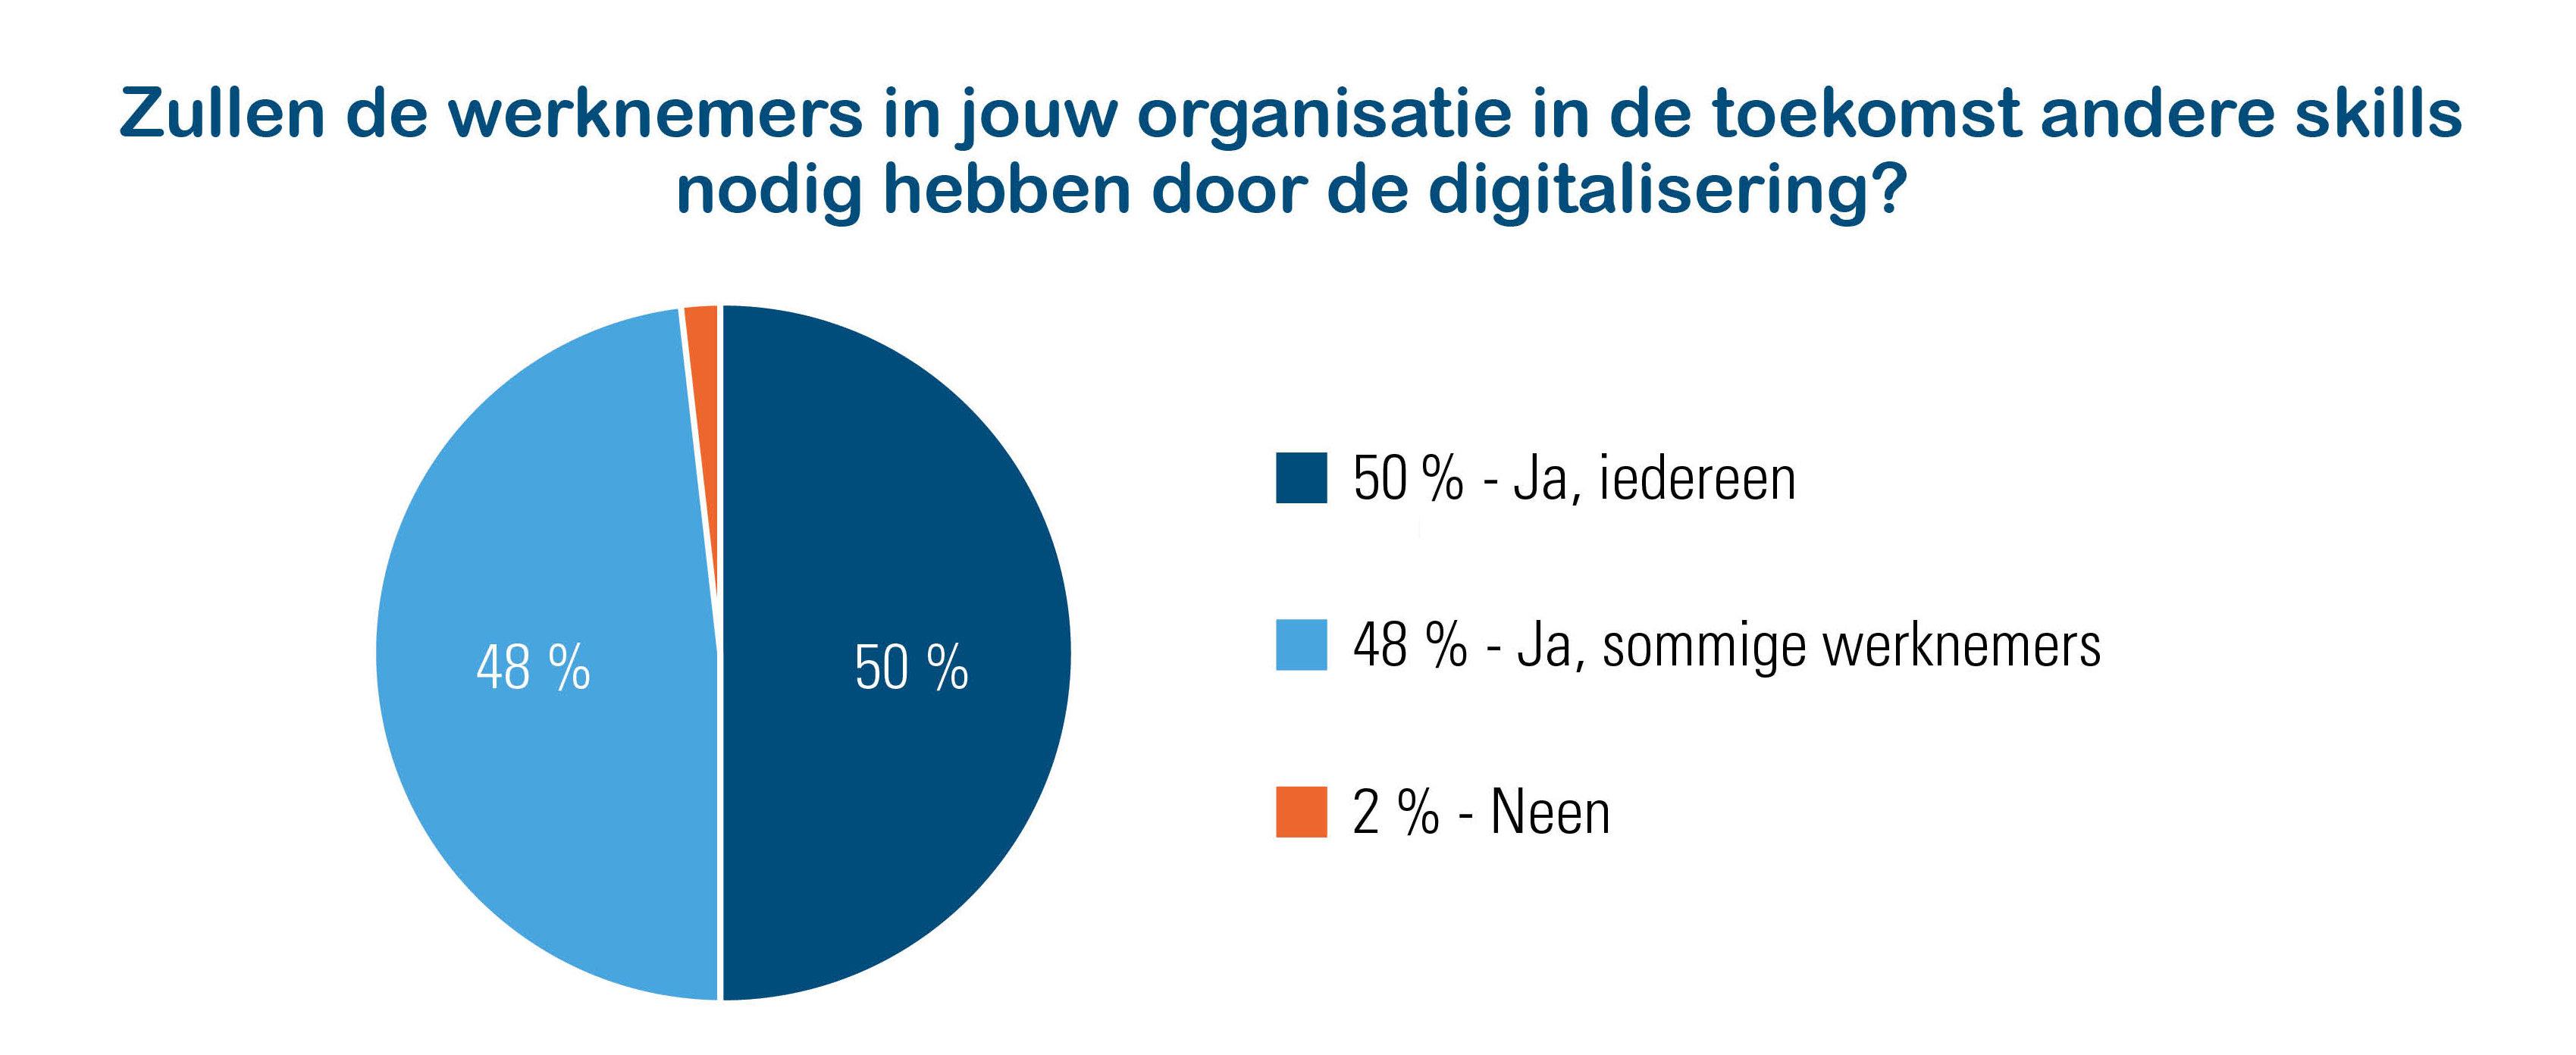 Inschatting van de impact van digitalisering op skills